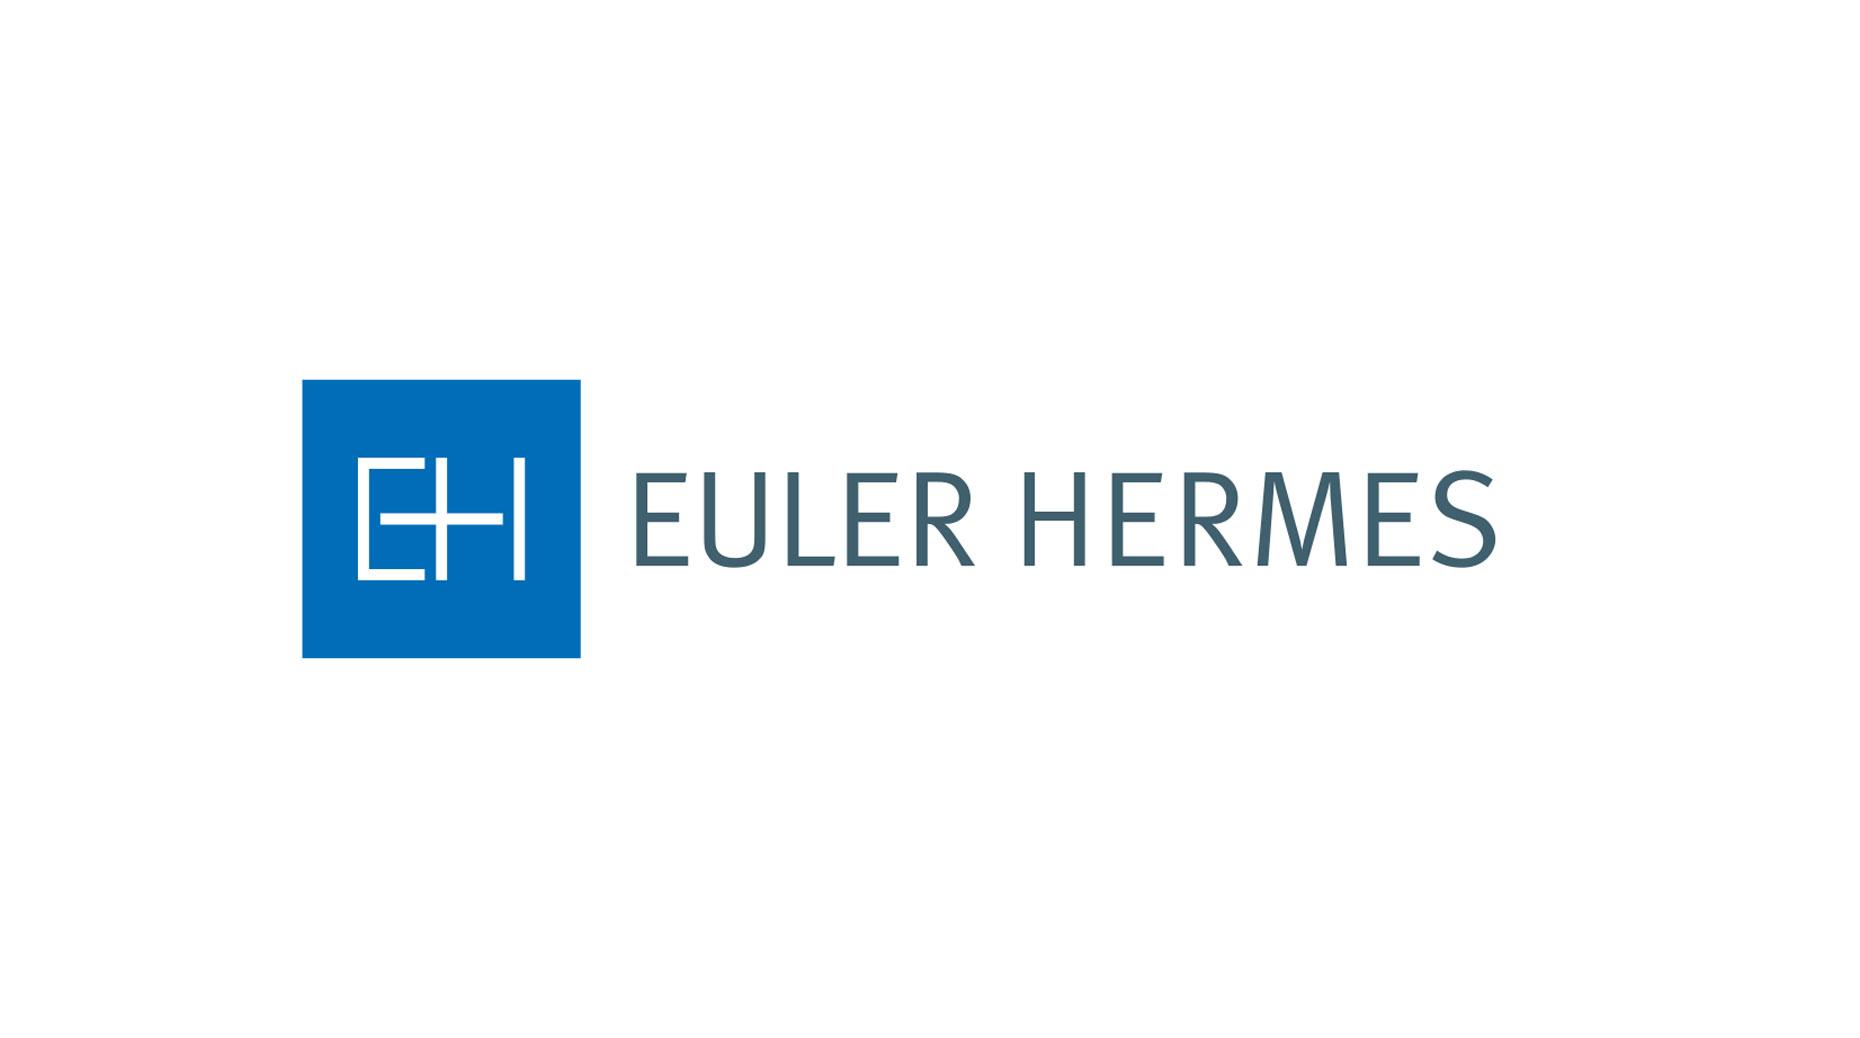 EULER HERMES FRANCE